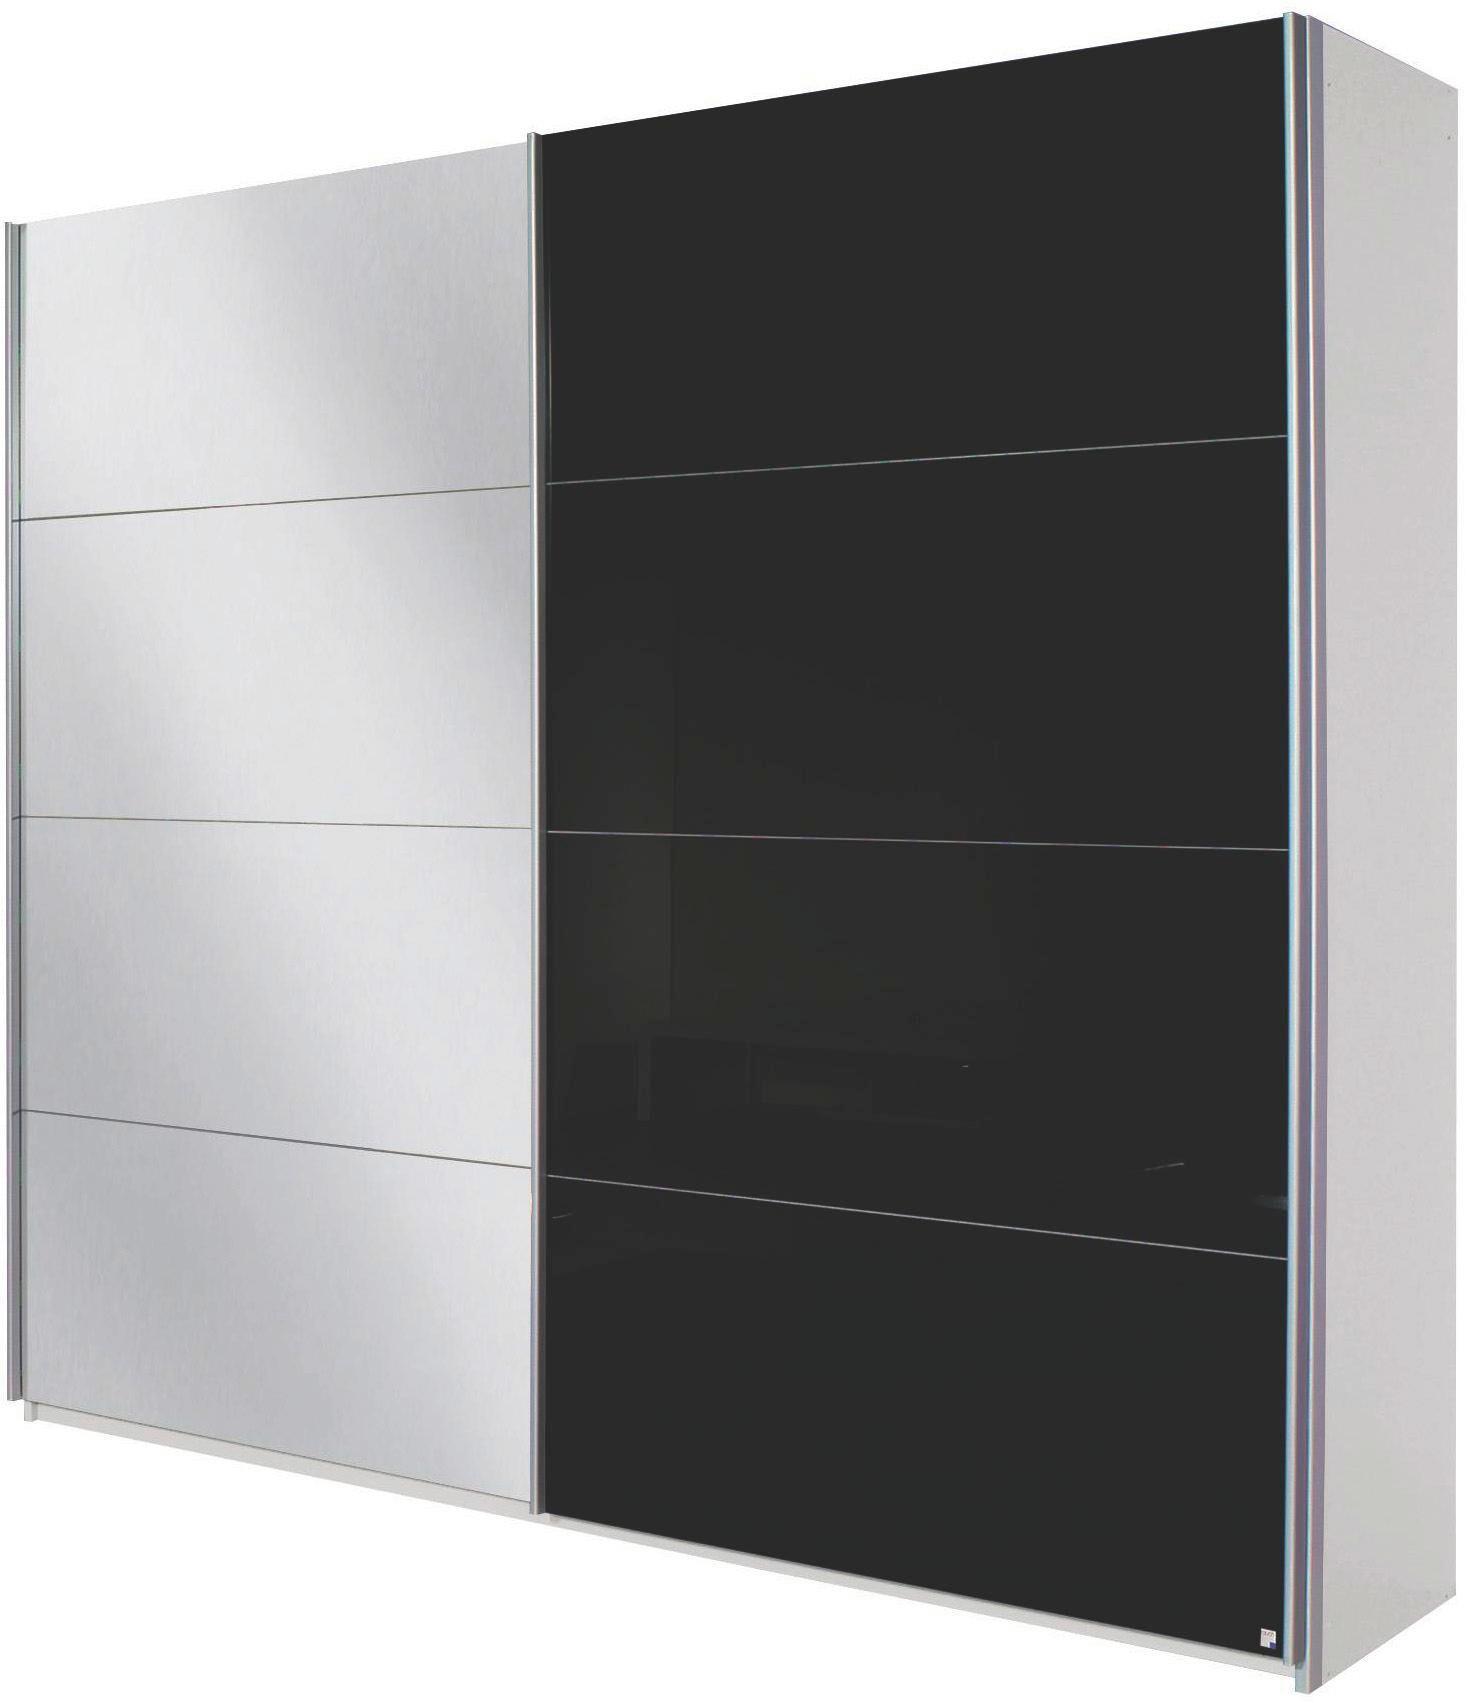 Schwebetürenschrank in Weiß/Schwarz - Alufarben, MODERN, Holzwerkstoff/Metall (226/229/61cm) - MODERN LIVING